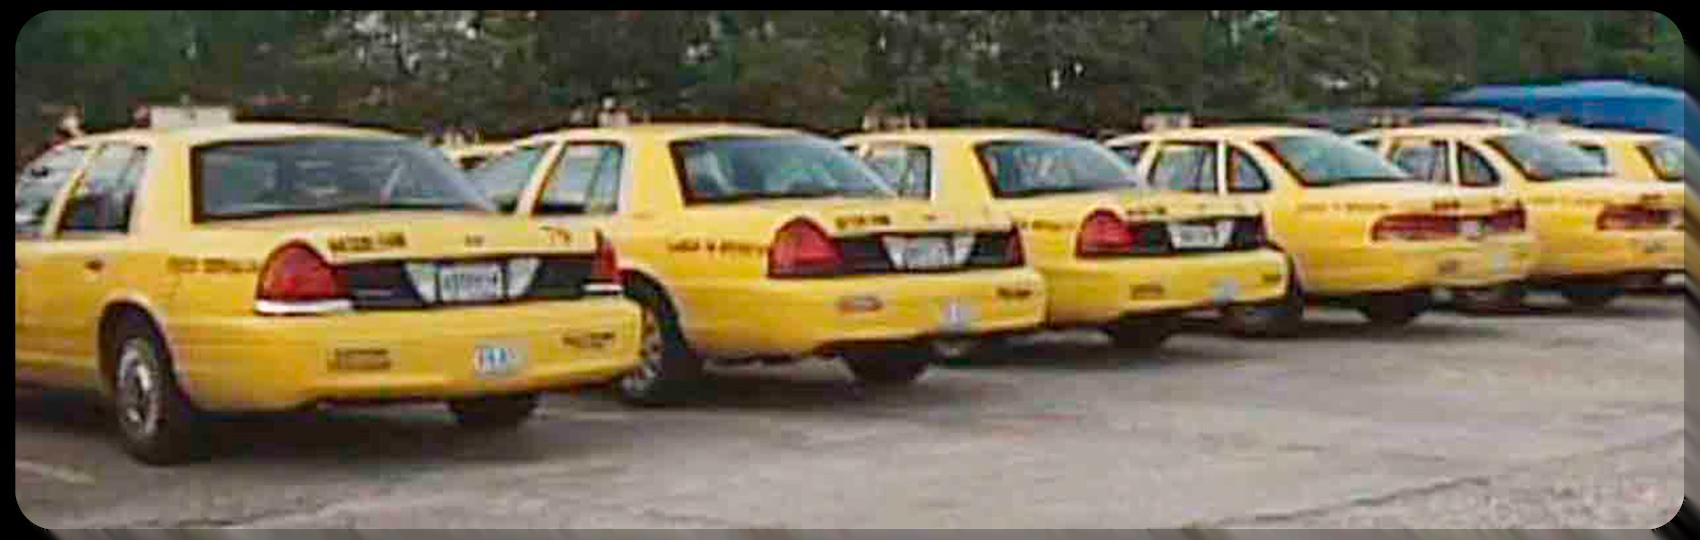 Noticias del taxi en Luisiana